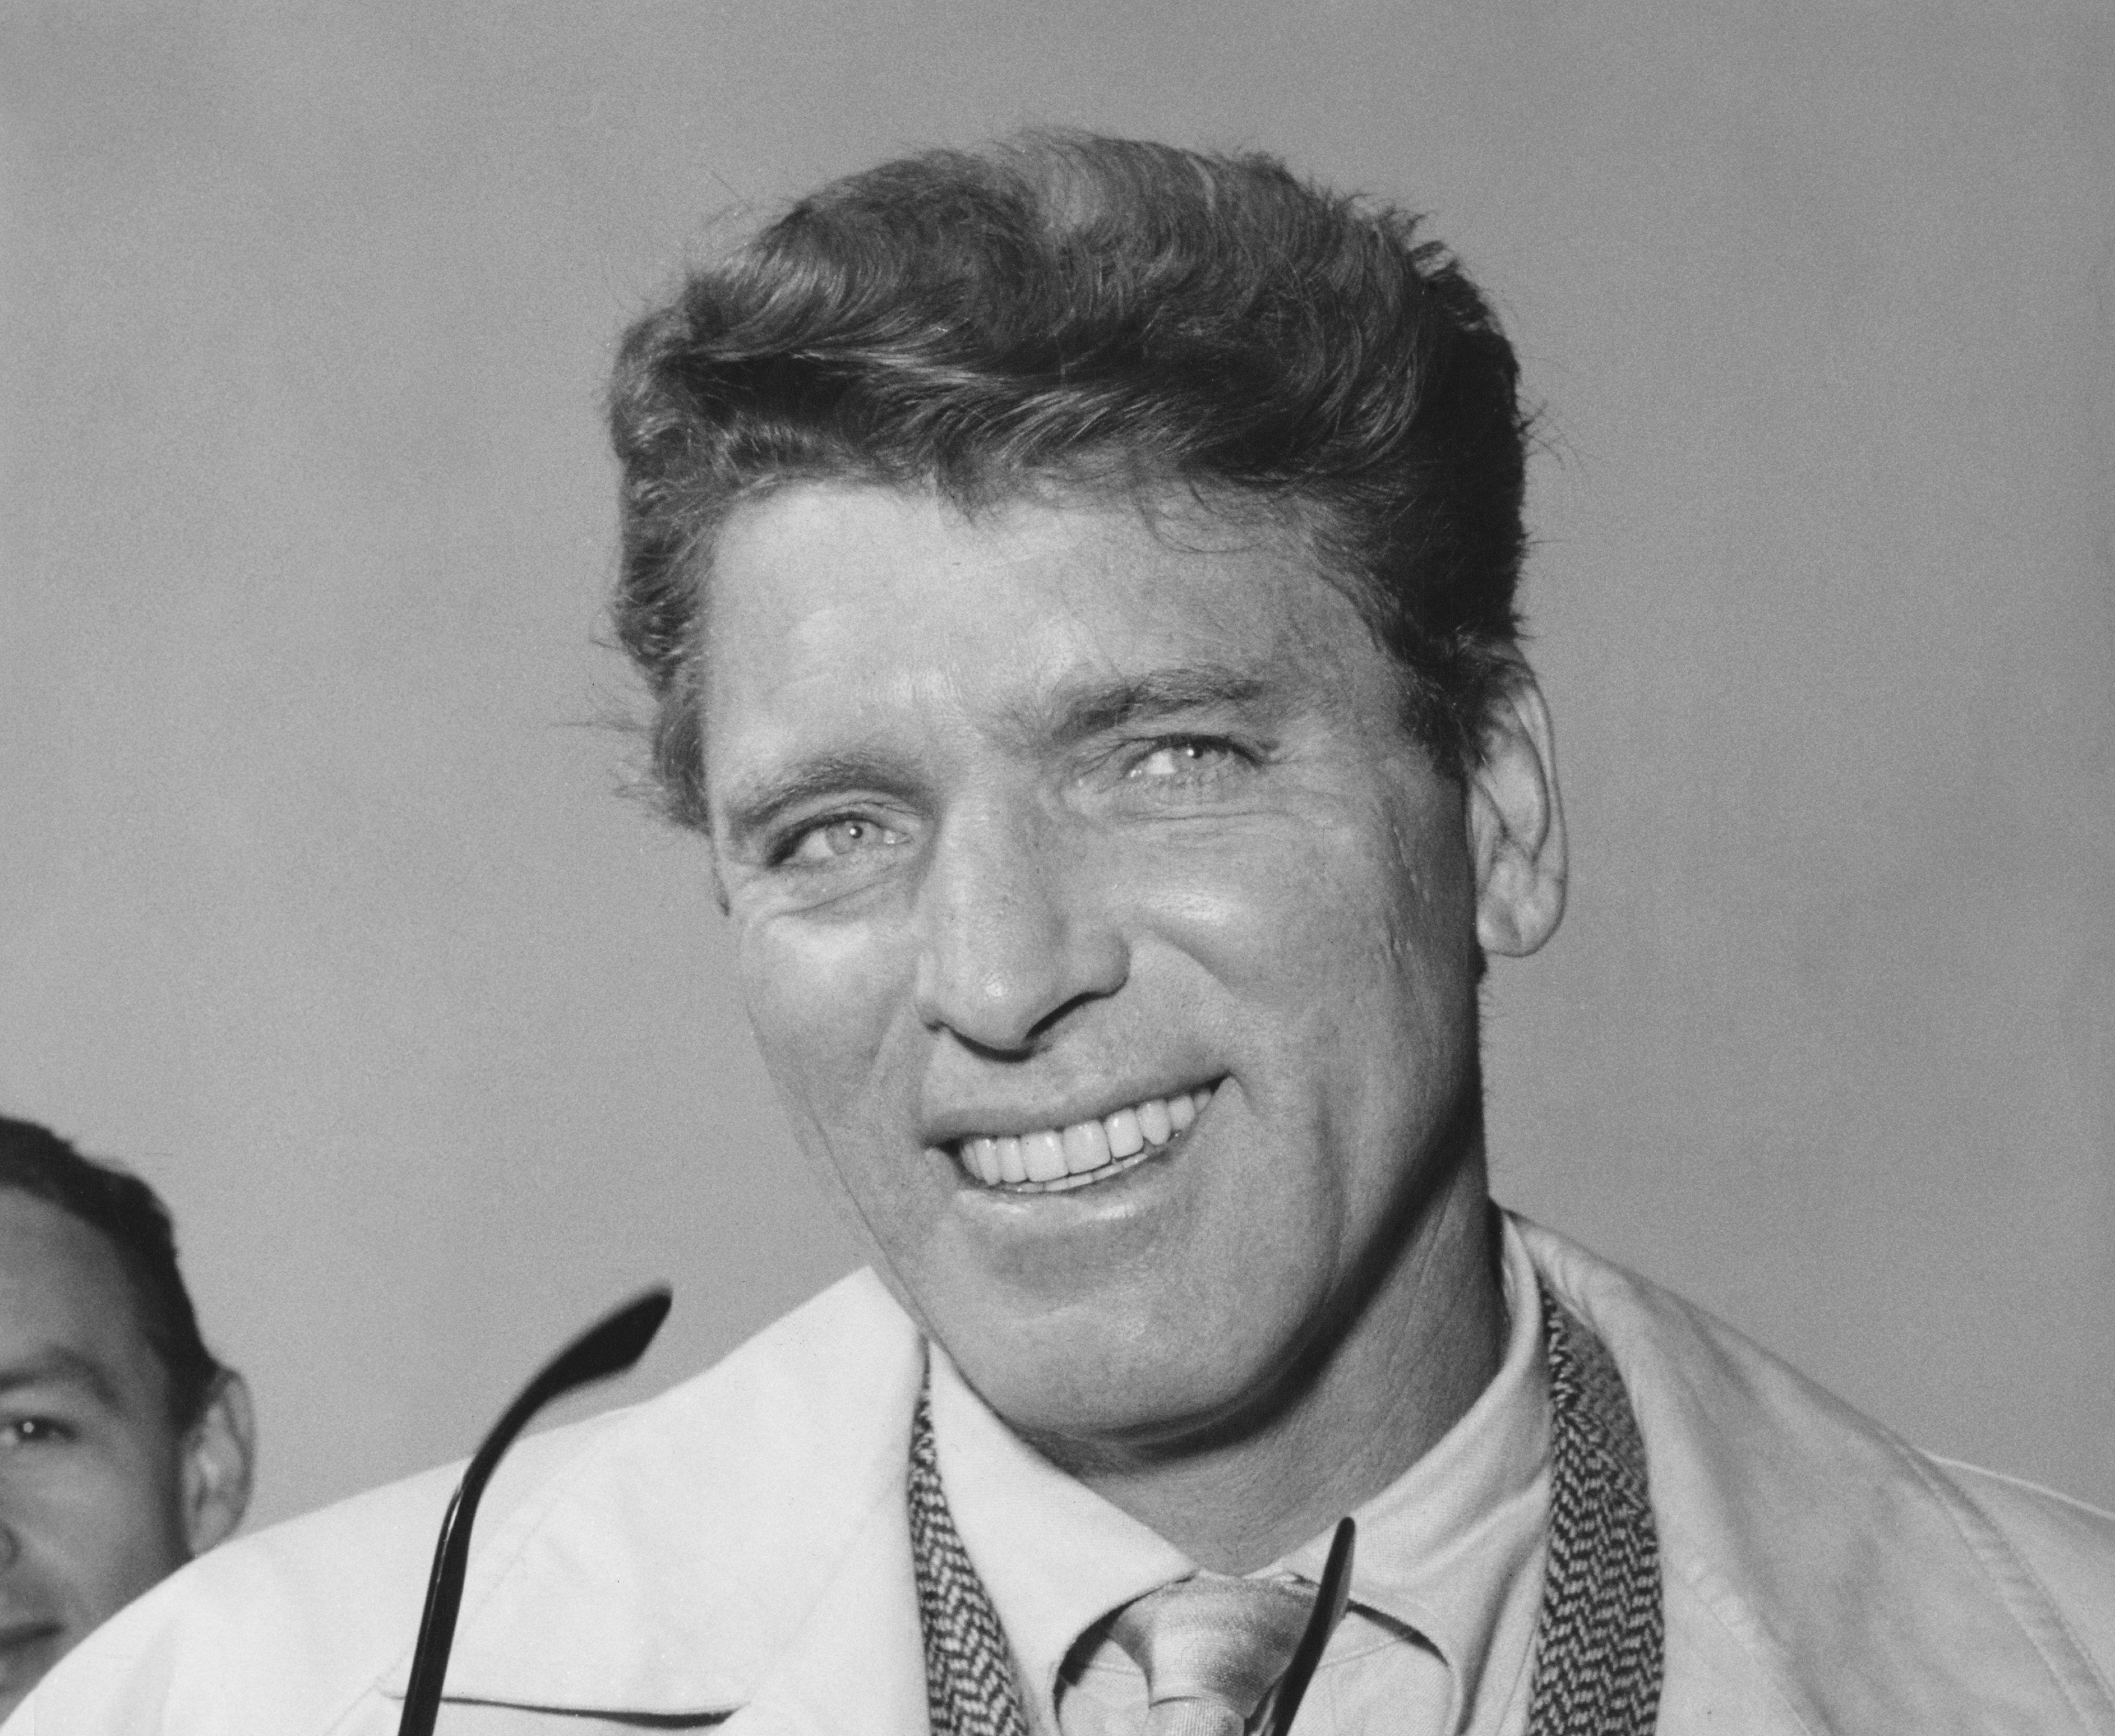 Burt Lancaster en Roma en 1962. || Fuente: Getty Images